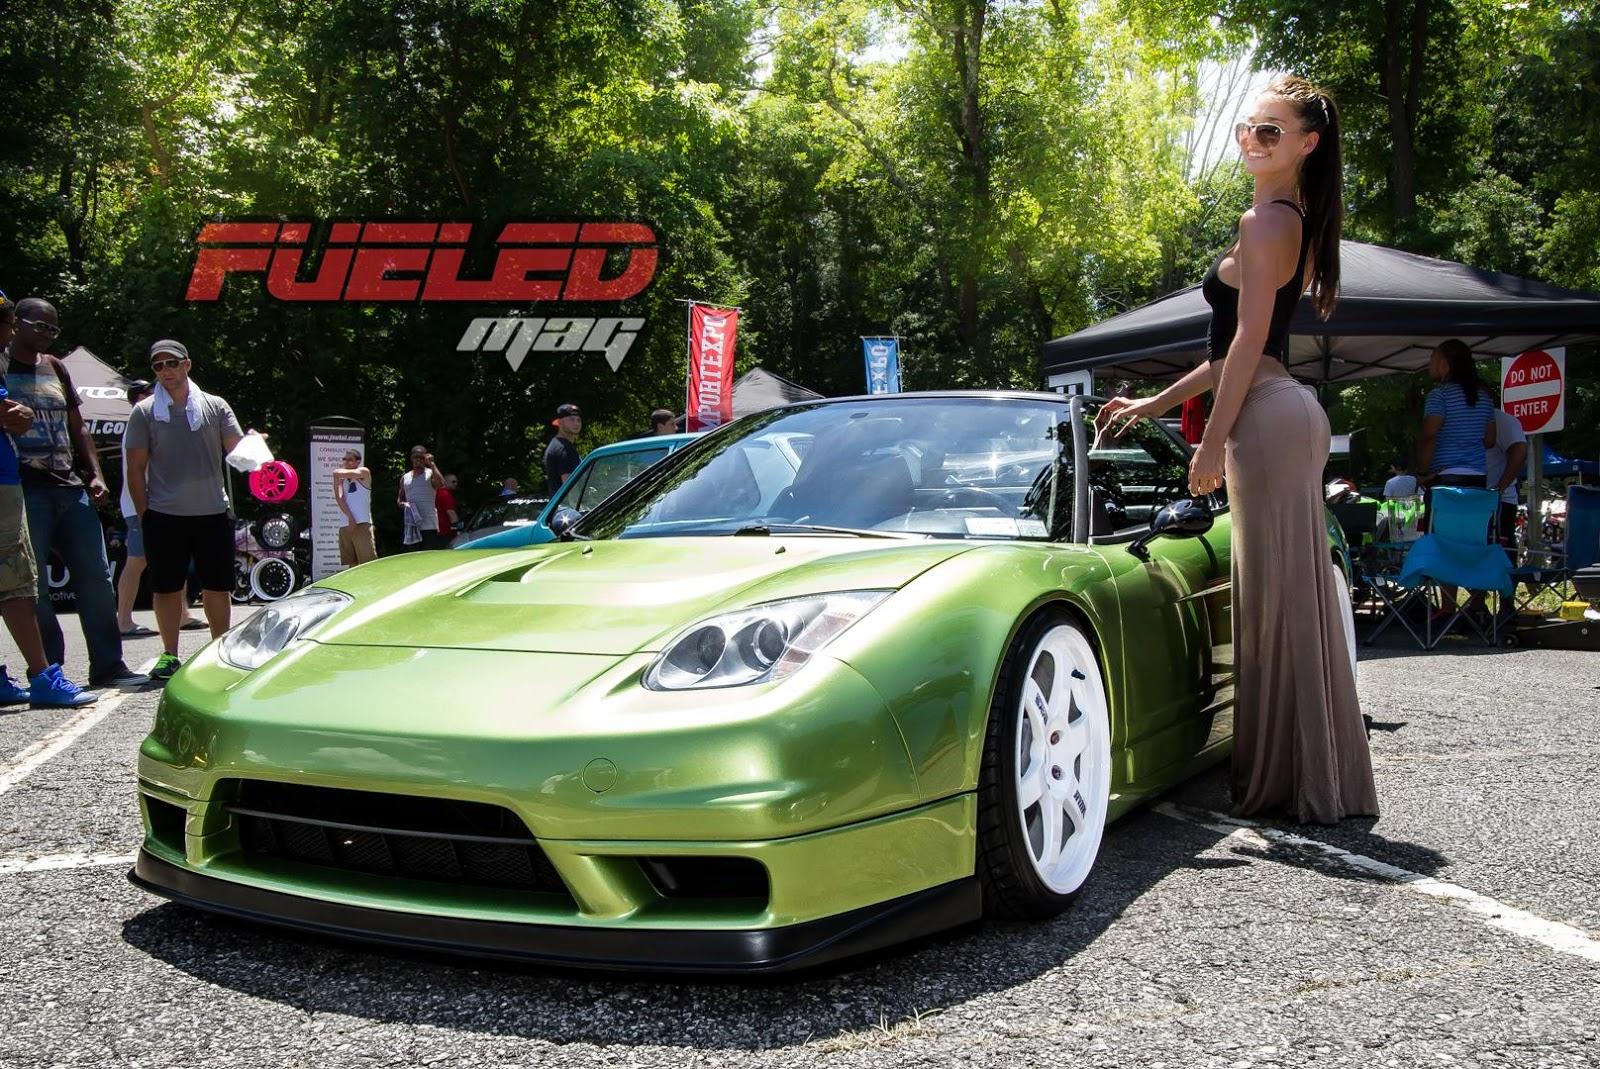 Honda NSX, sportowy samochód, kultowy, ikona, z duszą, kobieta, auto, fotki